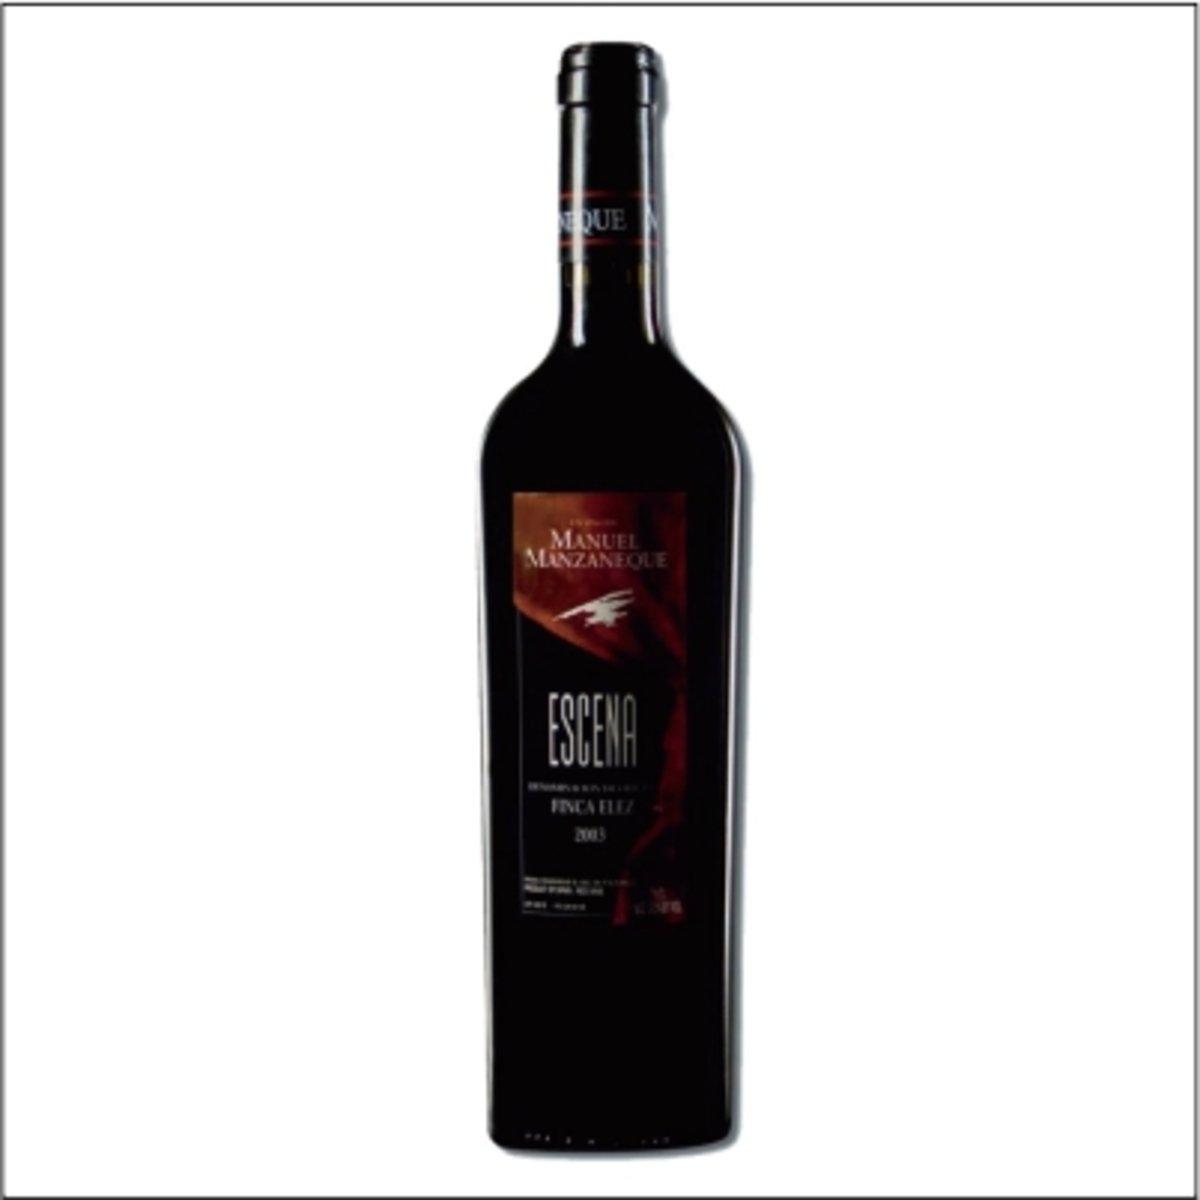 舞臺風釆 乾紅葡萄酒 2007